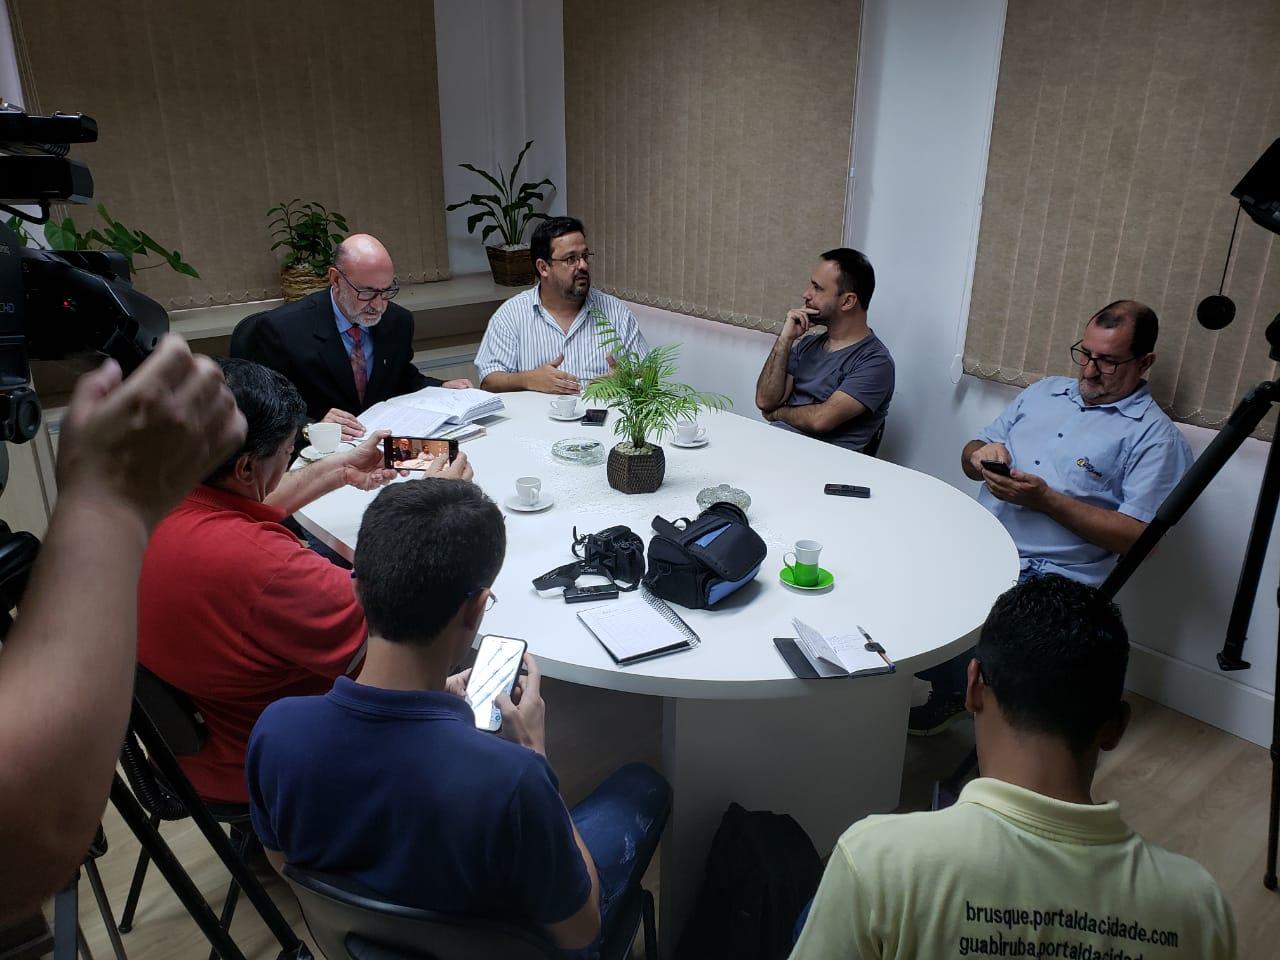 Procedimento administrativo indica possíveis irregularidades no fornecimento de alimentos a prefeitura